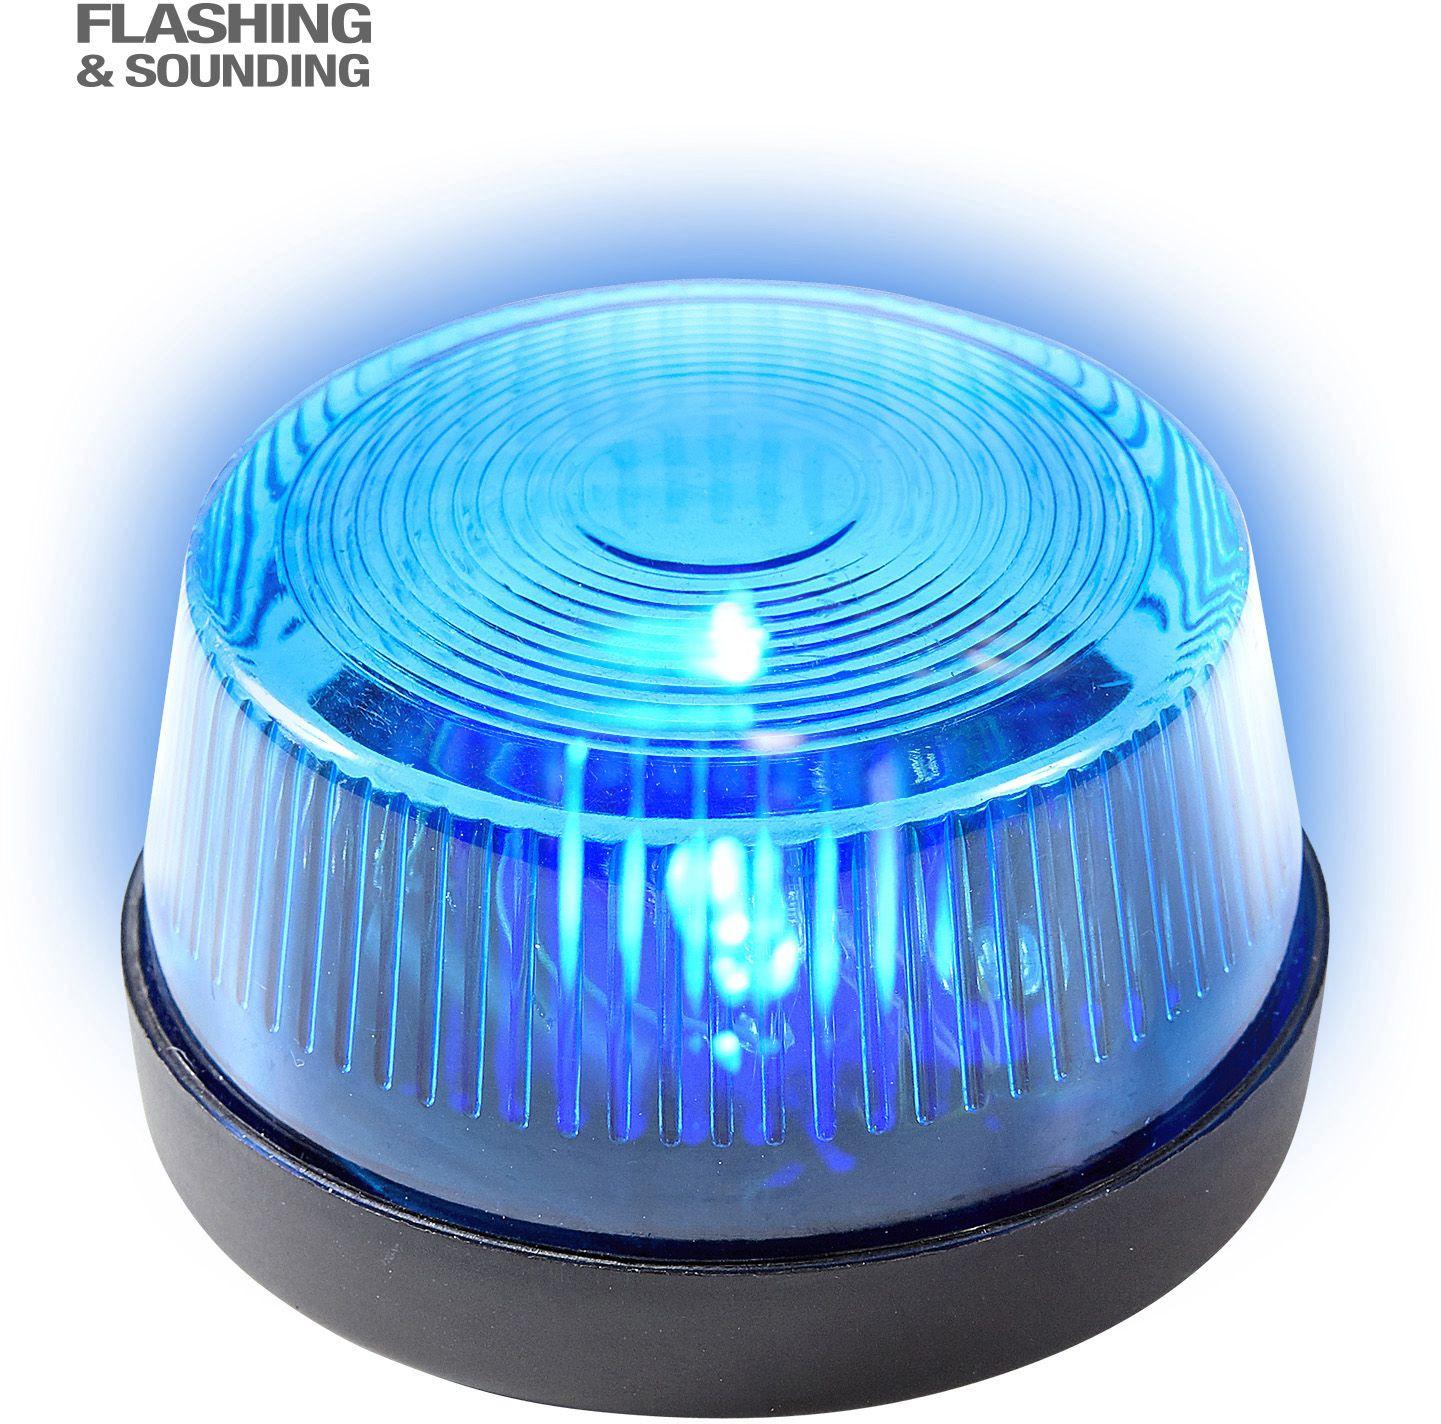 Blauw sirenelicht met geluid